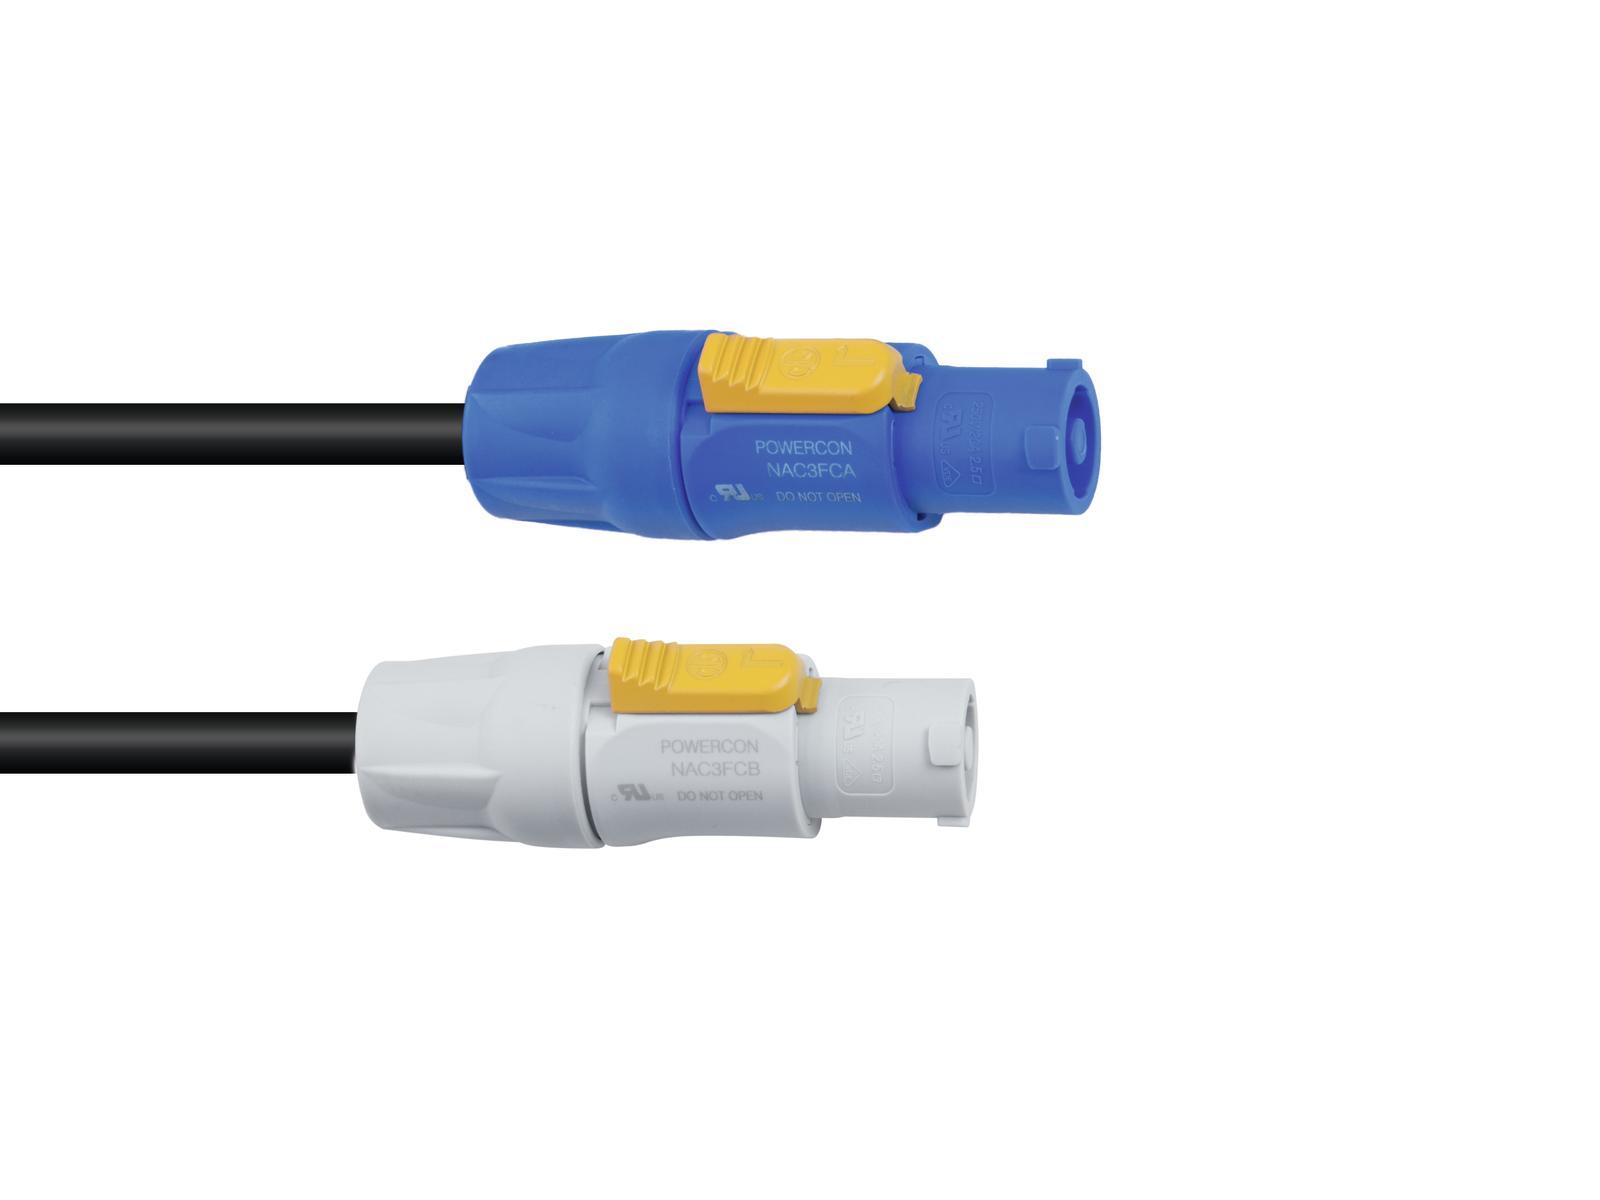 PSSO PowerCon prodlužovací kabel 3x2,5mm, 1m